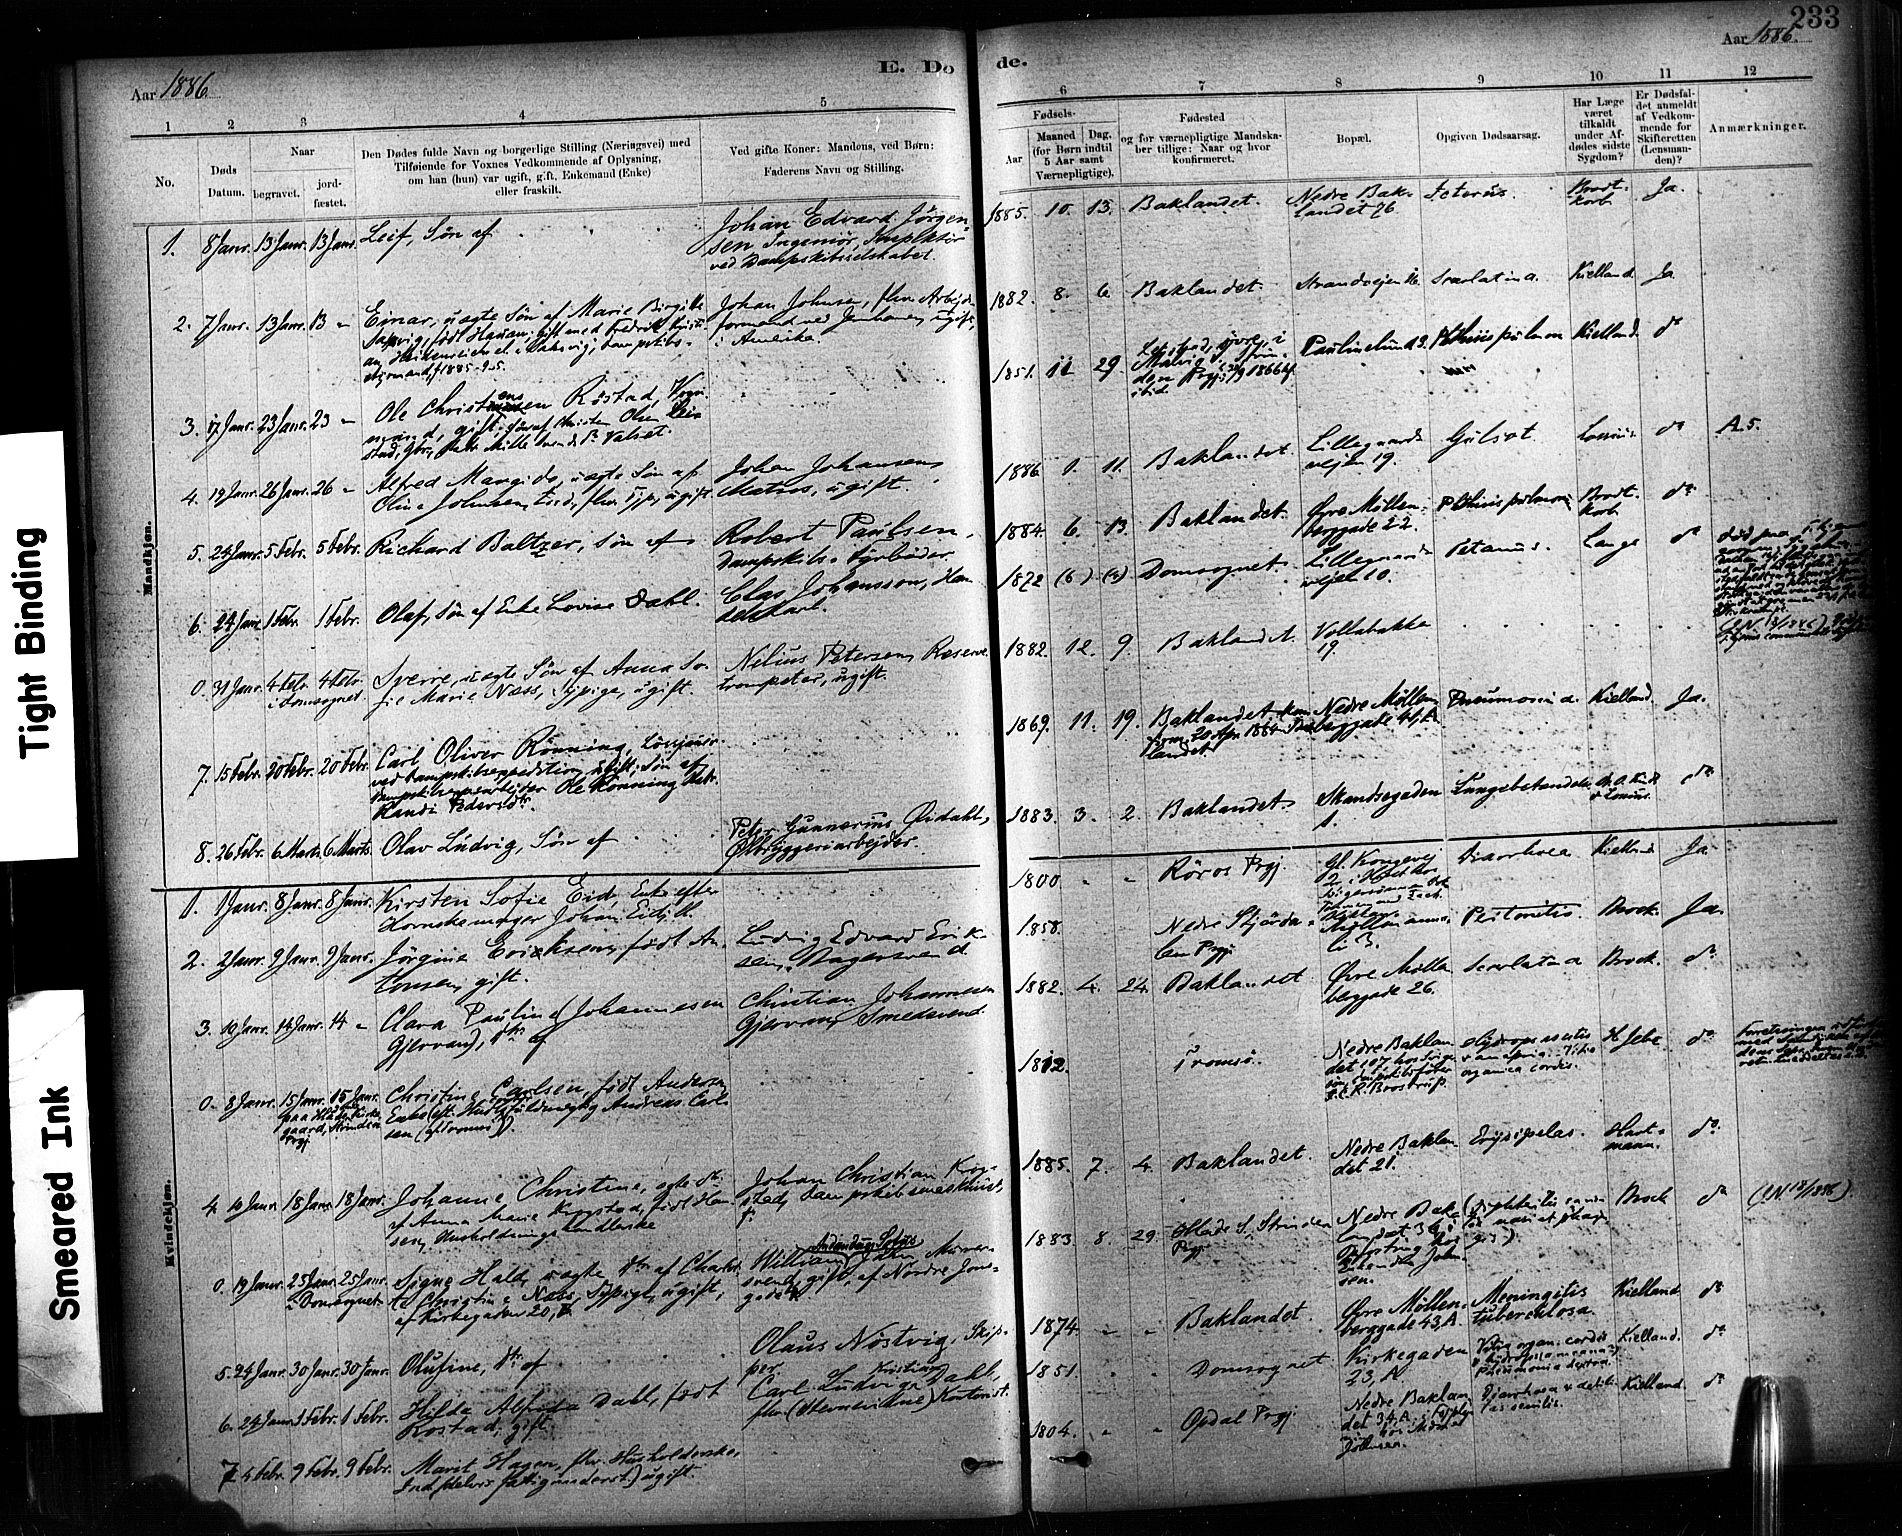 SAT, Ministerialprotokoller, klokkerbøker og fødselsregistre - Sør-Trøndelag, 604/L0189: Ministerialbok nr. 604A10, 1878-1892, s. 233